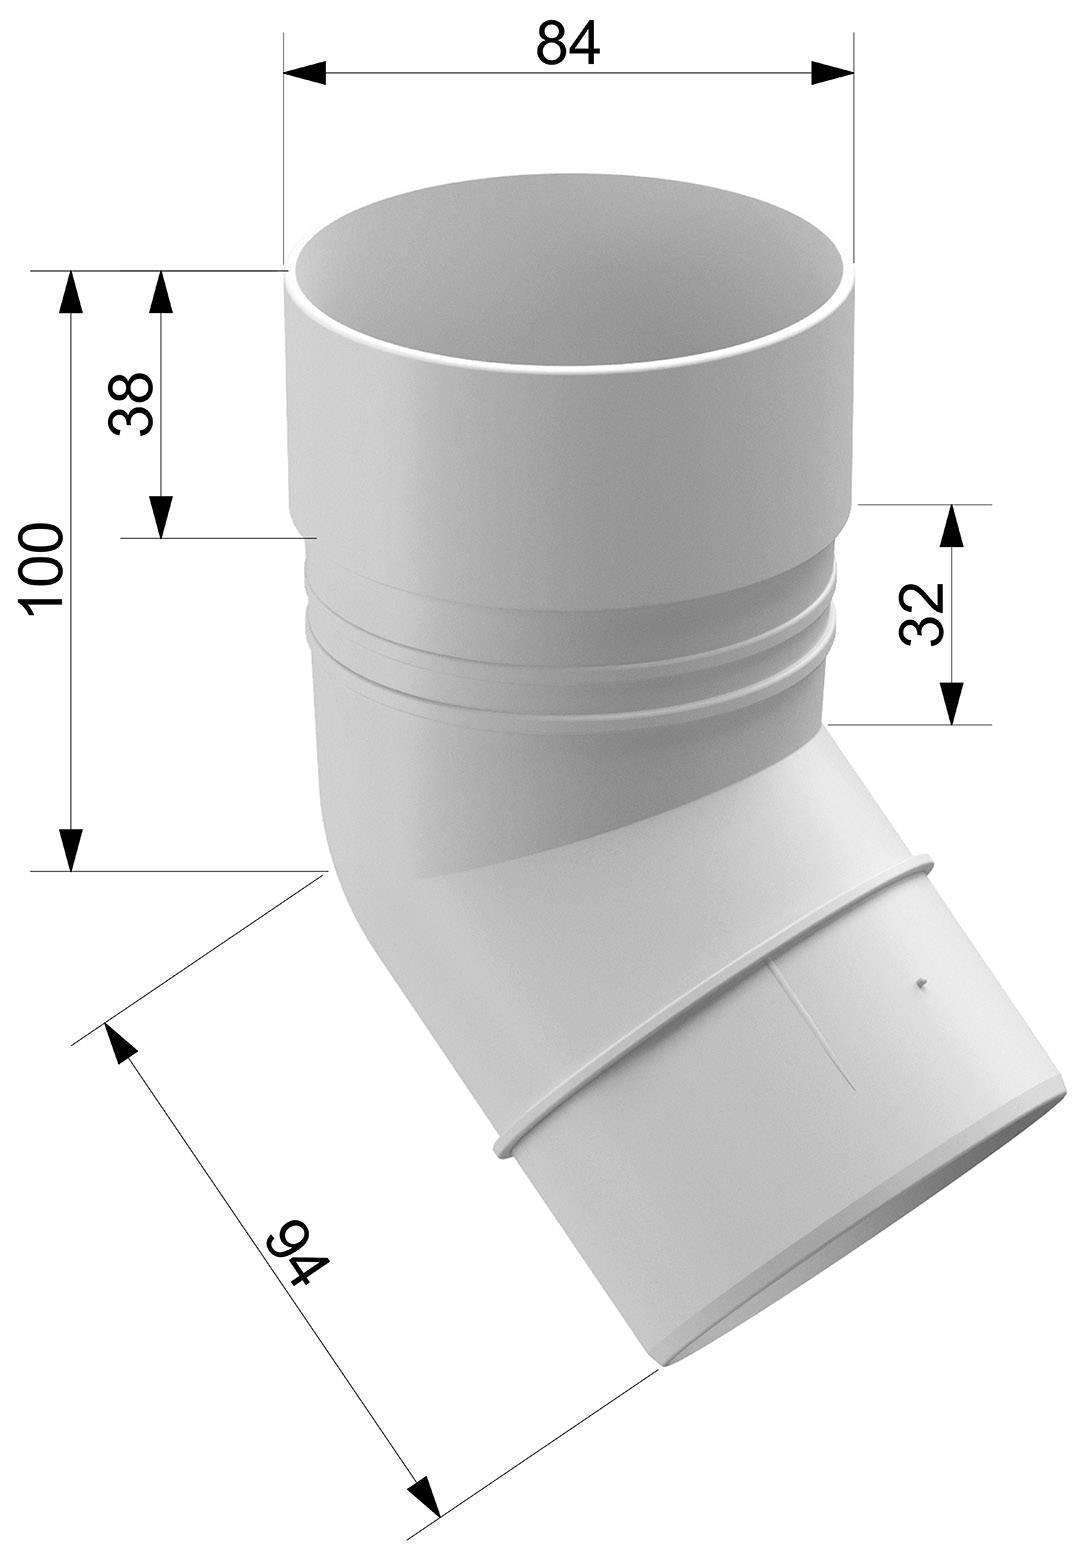 Желоб водосточный: размеры, уклон водостока по госту и элементы системы - кронштейны, уголки, держатели, заглушки и многое другое